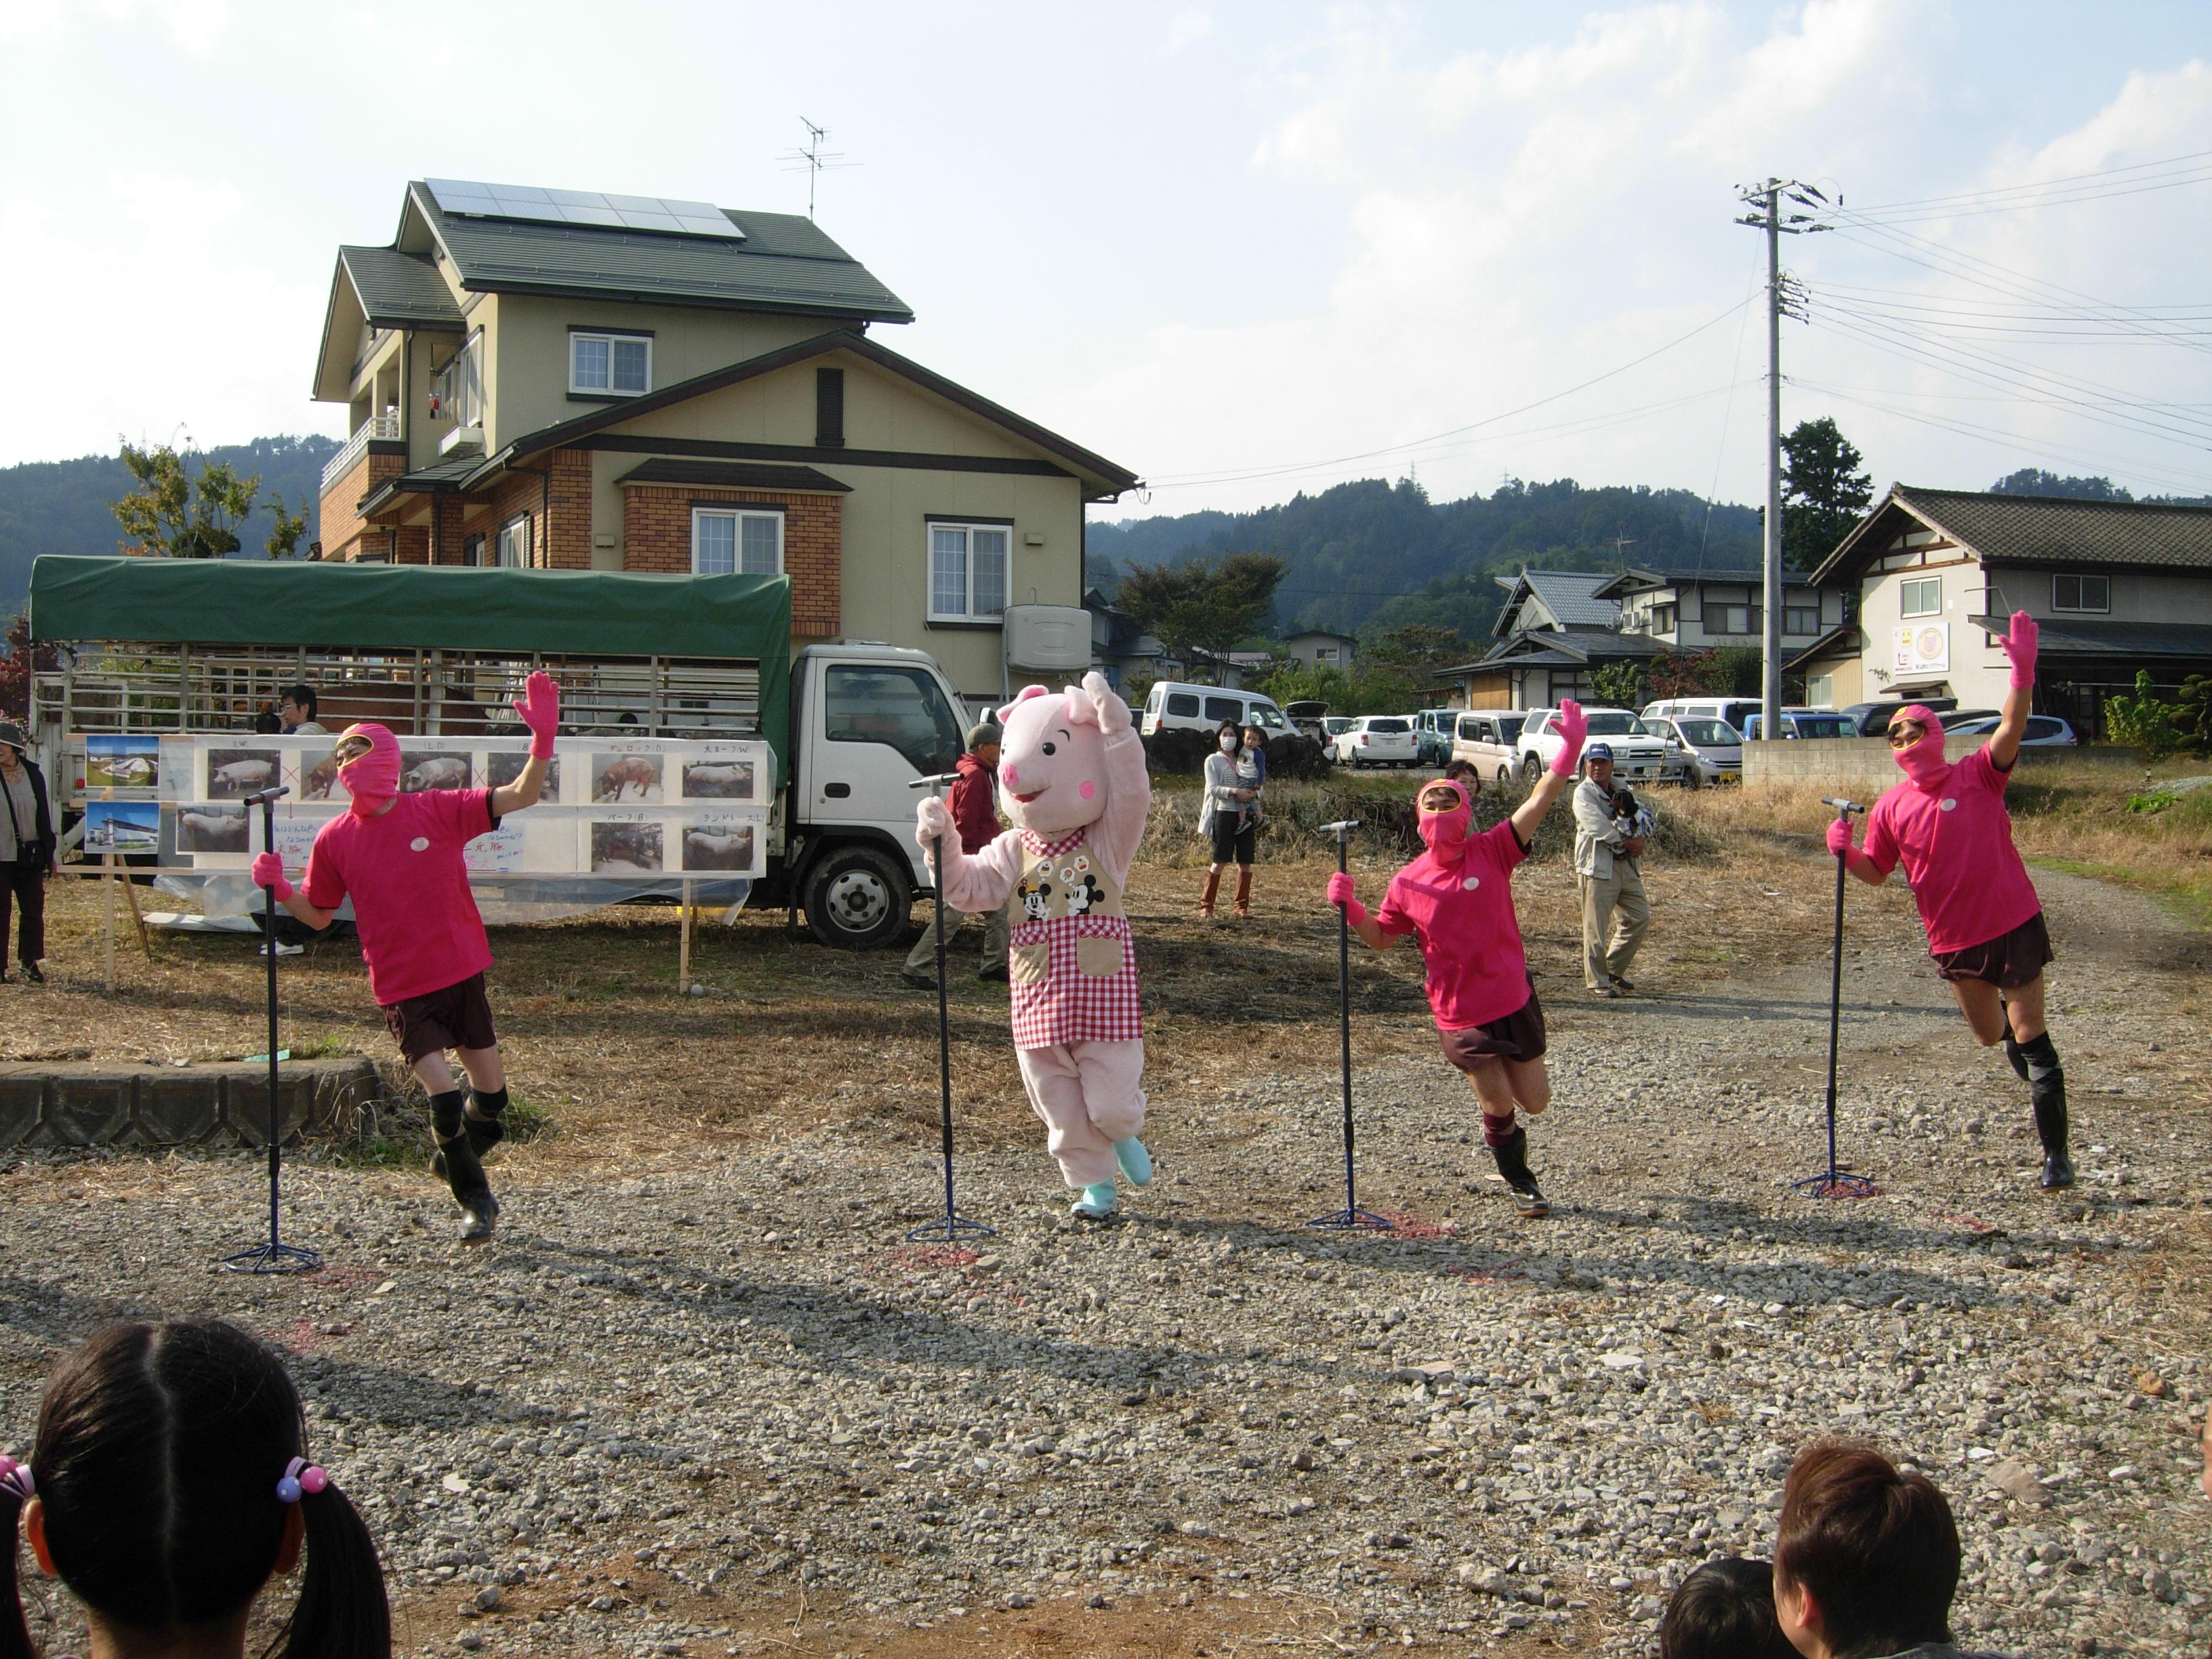 舞米豚キャラクター「舞ちゃん」とダンス